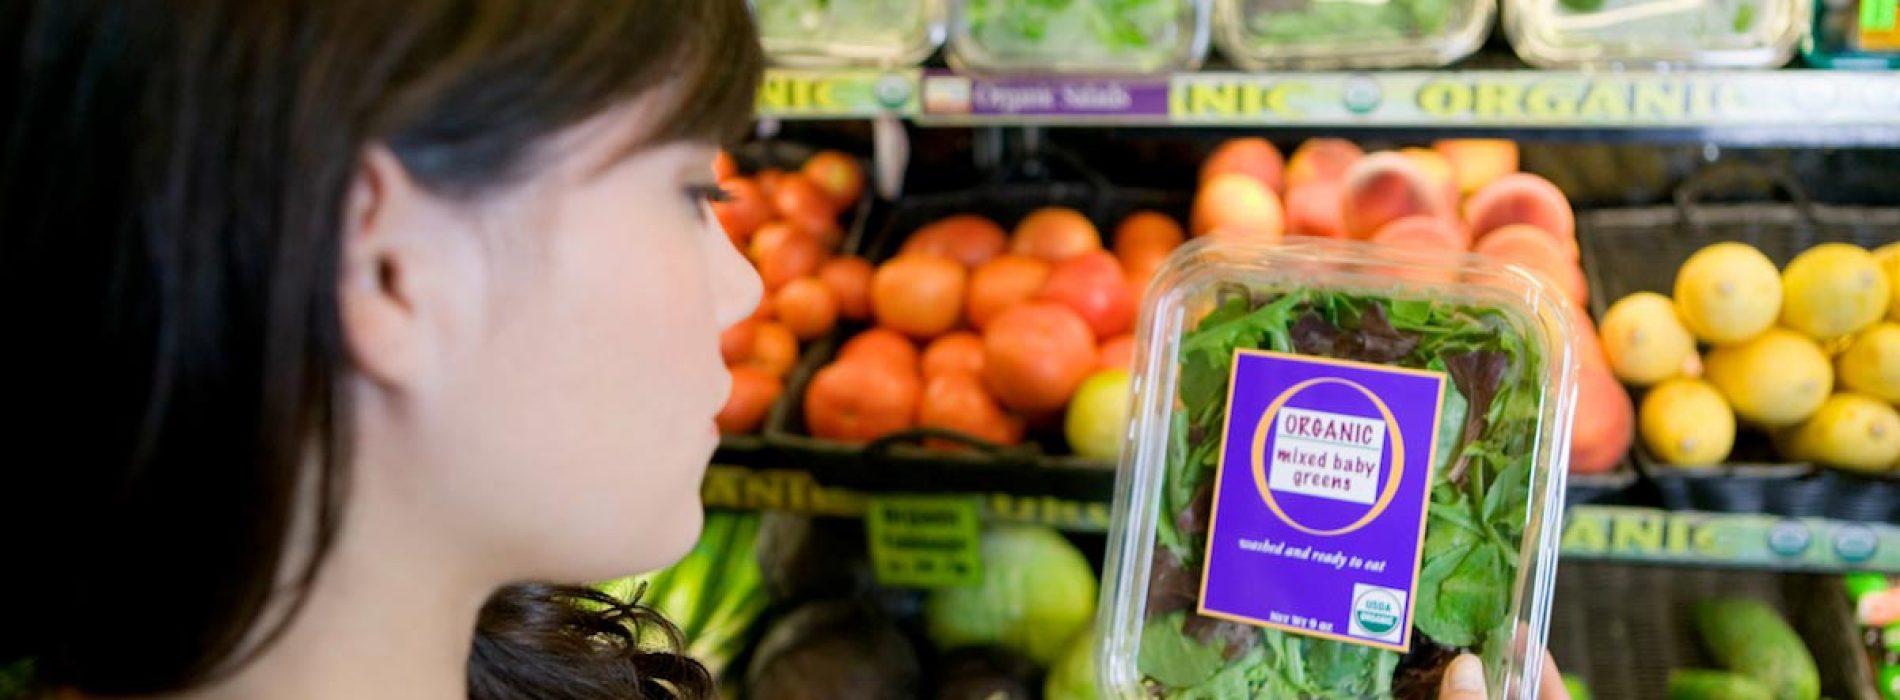 Meer fruit en groenten eten gekoppeld aan een verminderd risico op hart- en vaatziekten, en een langere levensduur